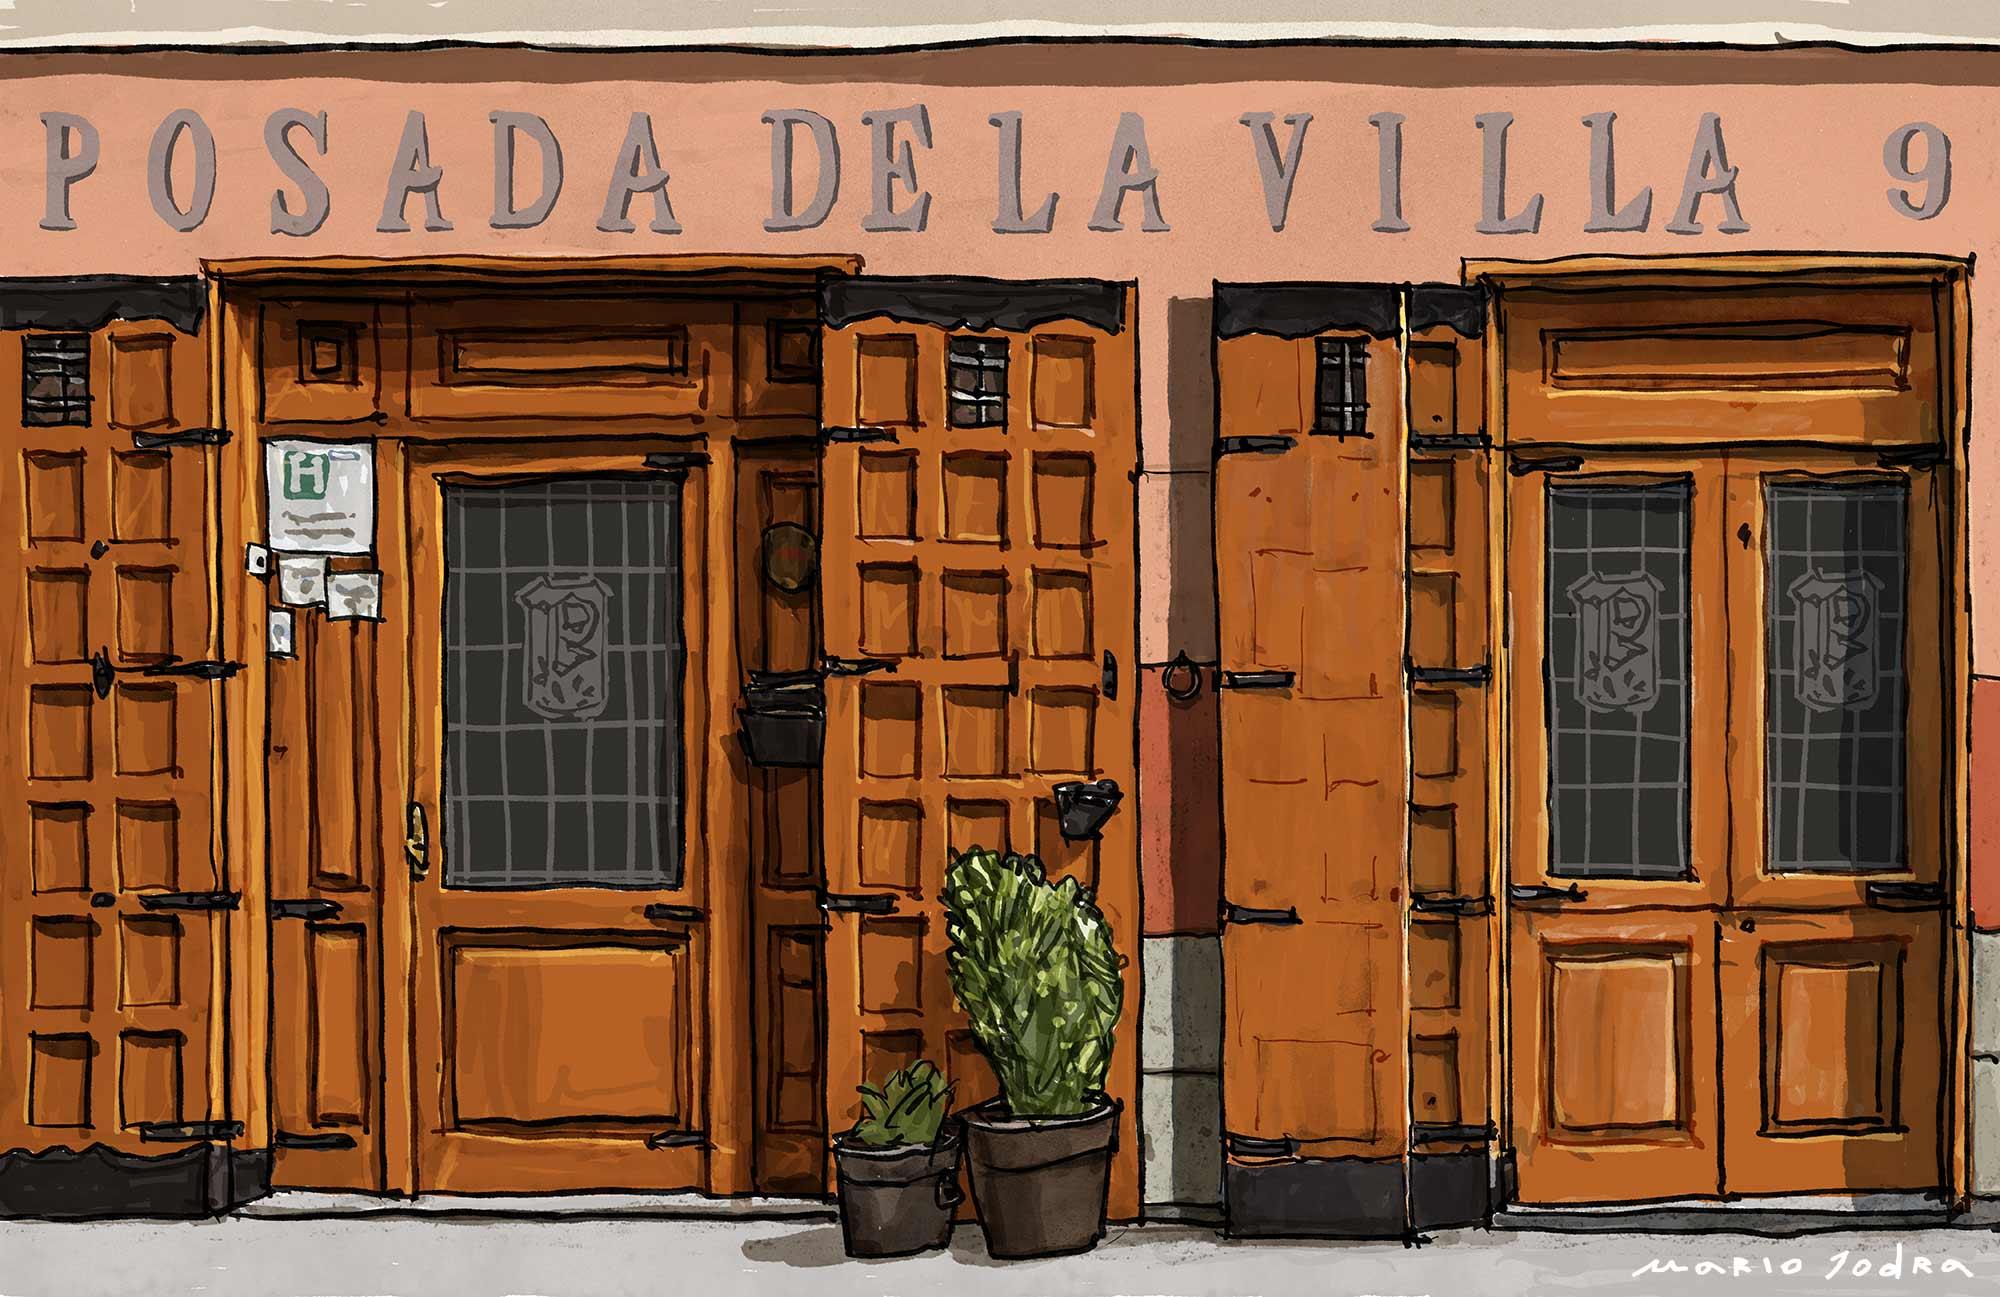 Mario Jodra illustration Art - Posada de la Villa. Madrid restaurant. Since 1642